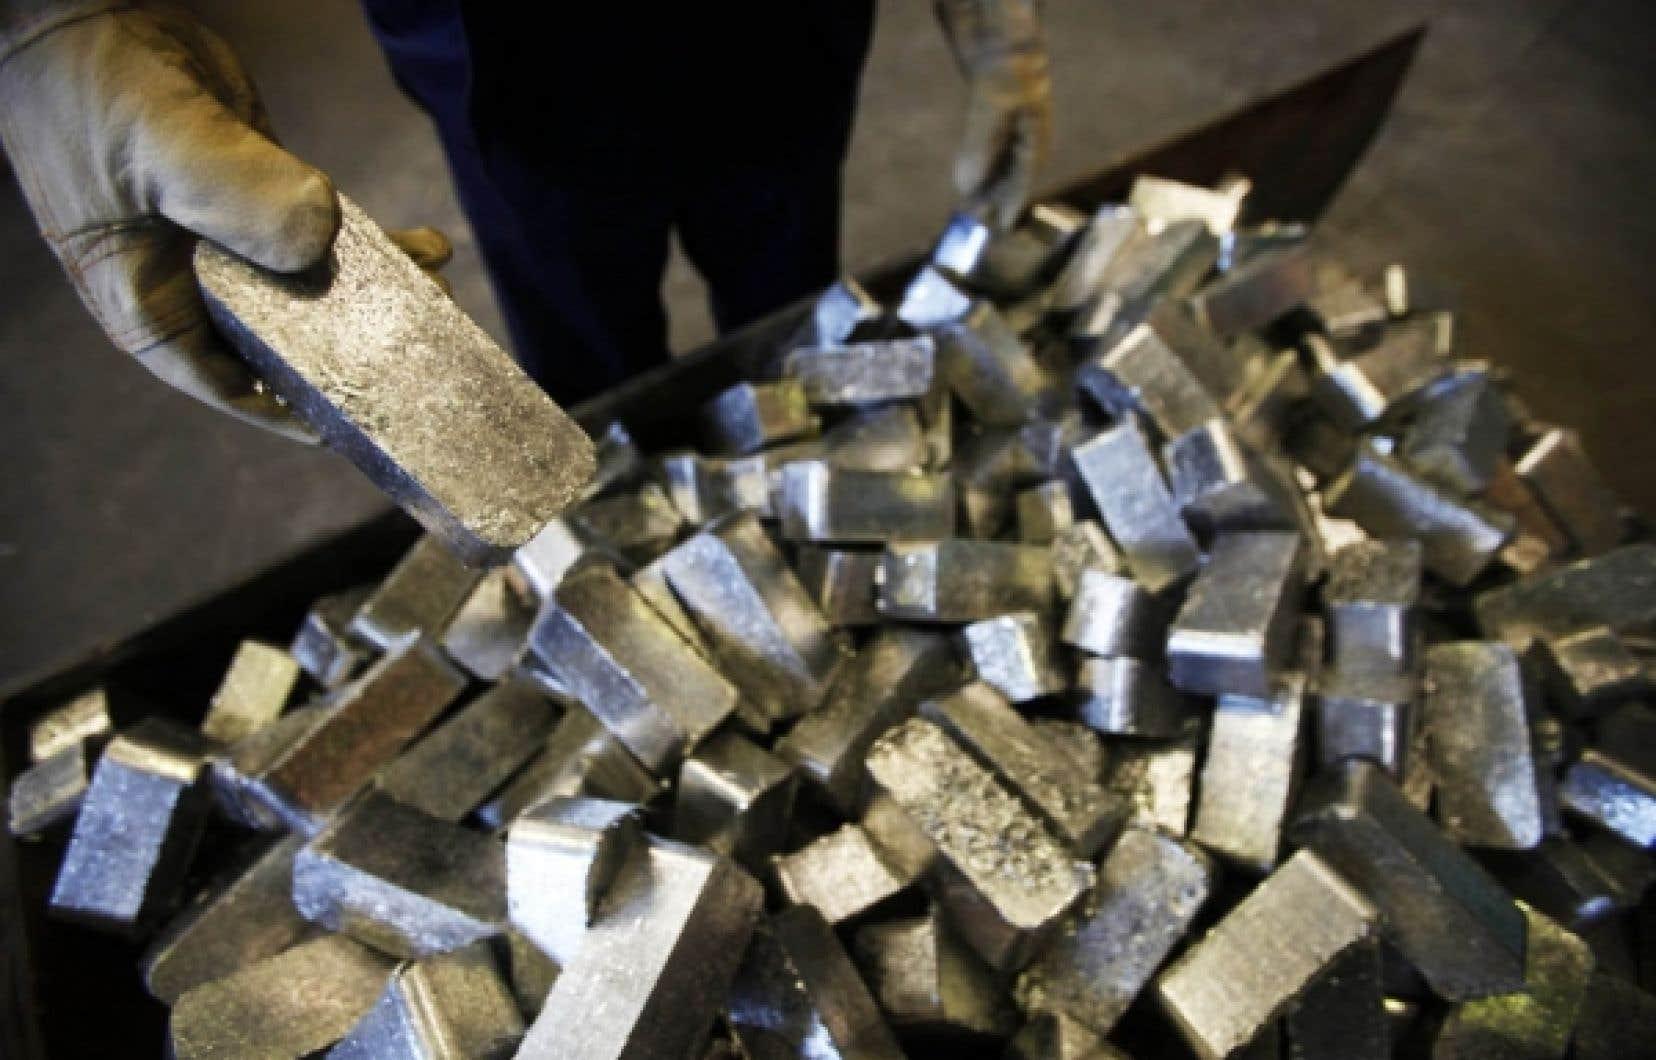 Depuis que Rio Tinto Alcan a d&eacute;cr&eacute;t&eacute; son lockout il y a un peu plus de deux mois, le prix de l&#39;aluminium a grimp&eacute; de 300 $ pour s&#39;&eacute;tablir &agrave; 2173 $US la tonne &agrave; la Bourse des m&eacute;taux de Londres. Pour la seule usine d&#39;Alma, qui produit environ 435 000 tonnes d&#39;aluminium par an, cette seule hausse repr&eacute;sente un b&eacute;n&eacute;fice suppl&eacute;mentaire de 130 millions si elle se maintient en 2012.<br />